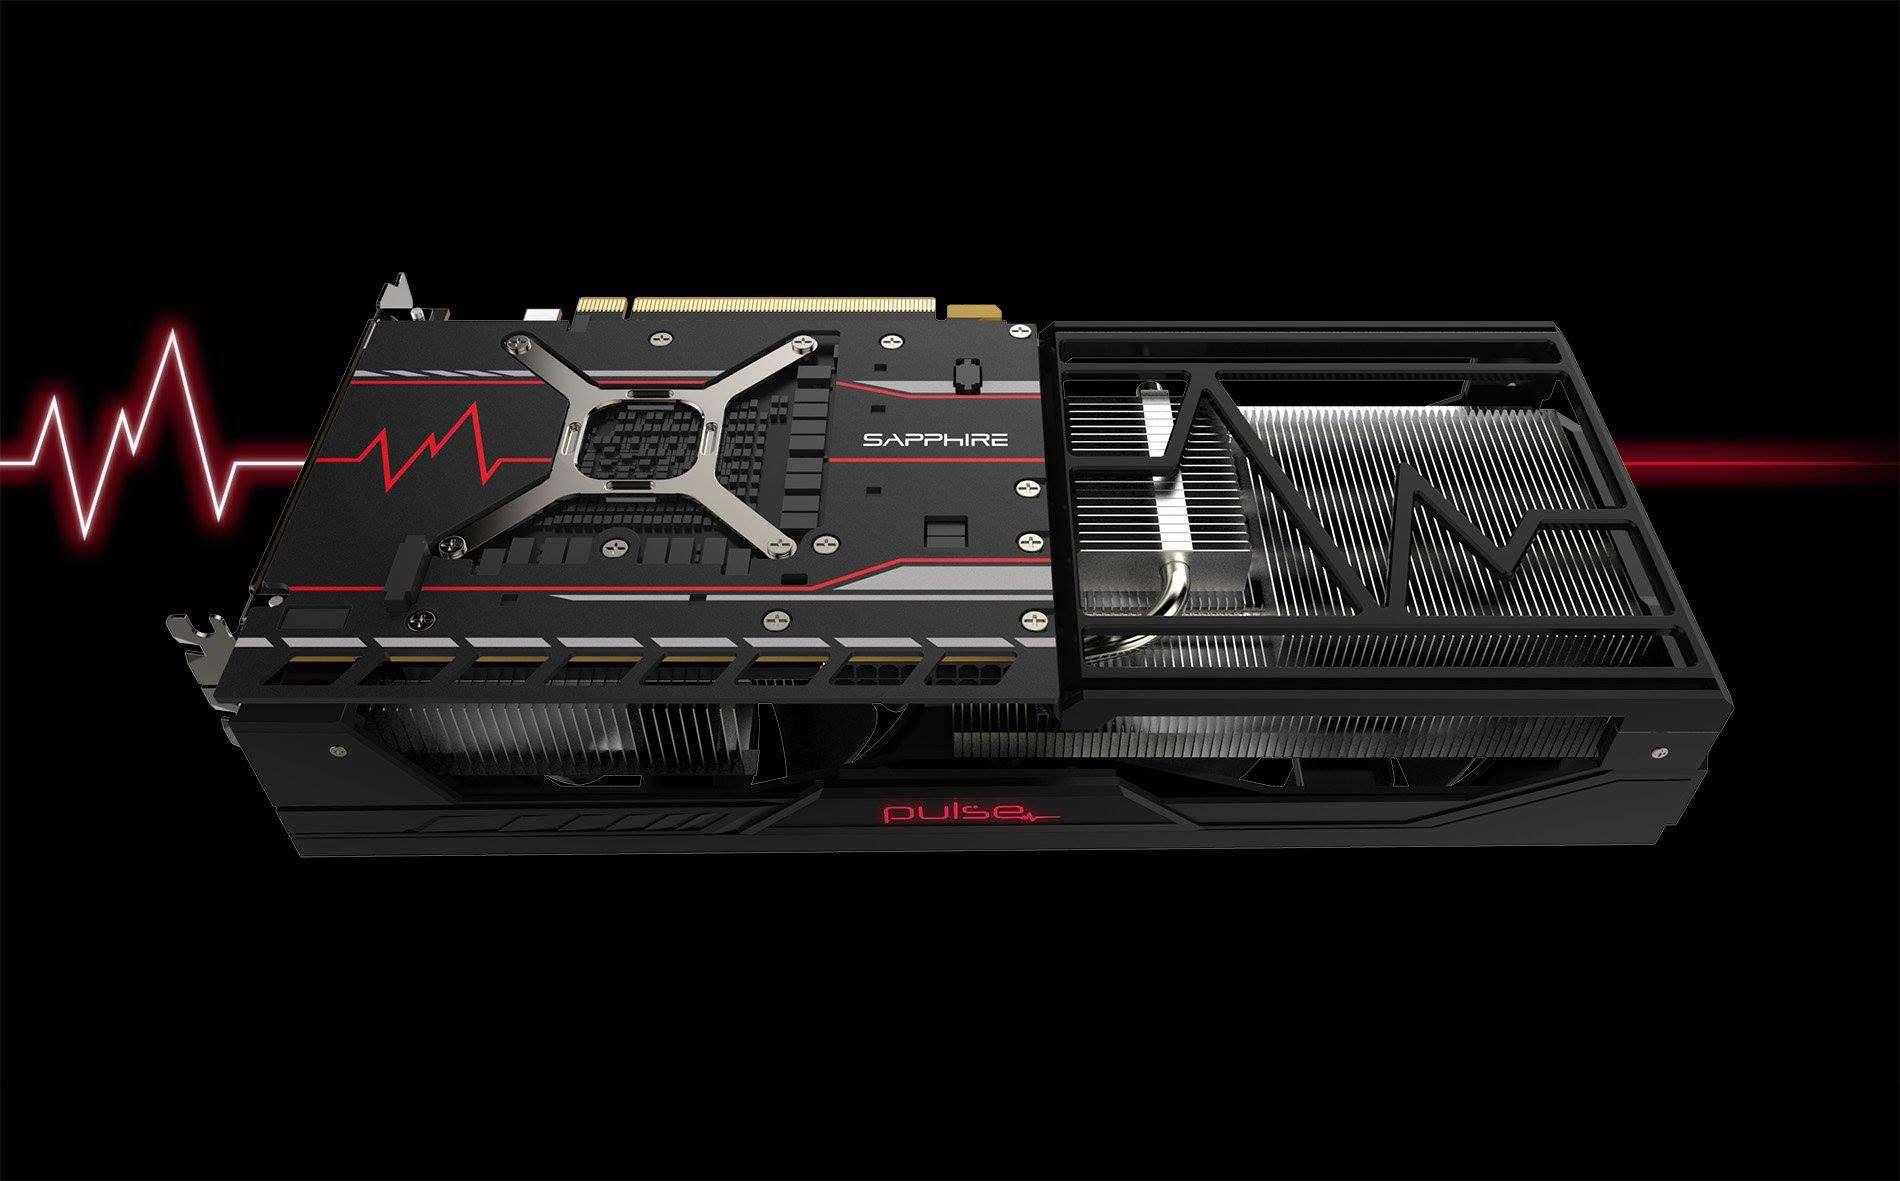 Radeon RX Vega 56 Pulse - Sapphire Radeon RX Vega 56 Pulse sarà disponibile dal 12 febbraio